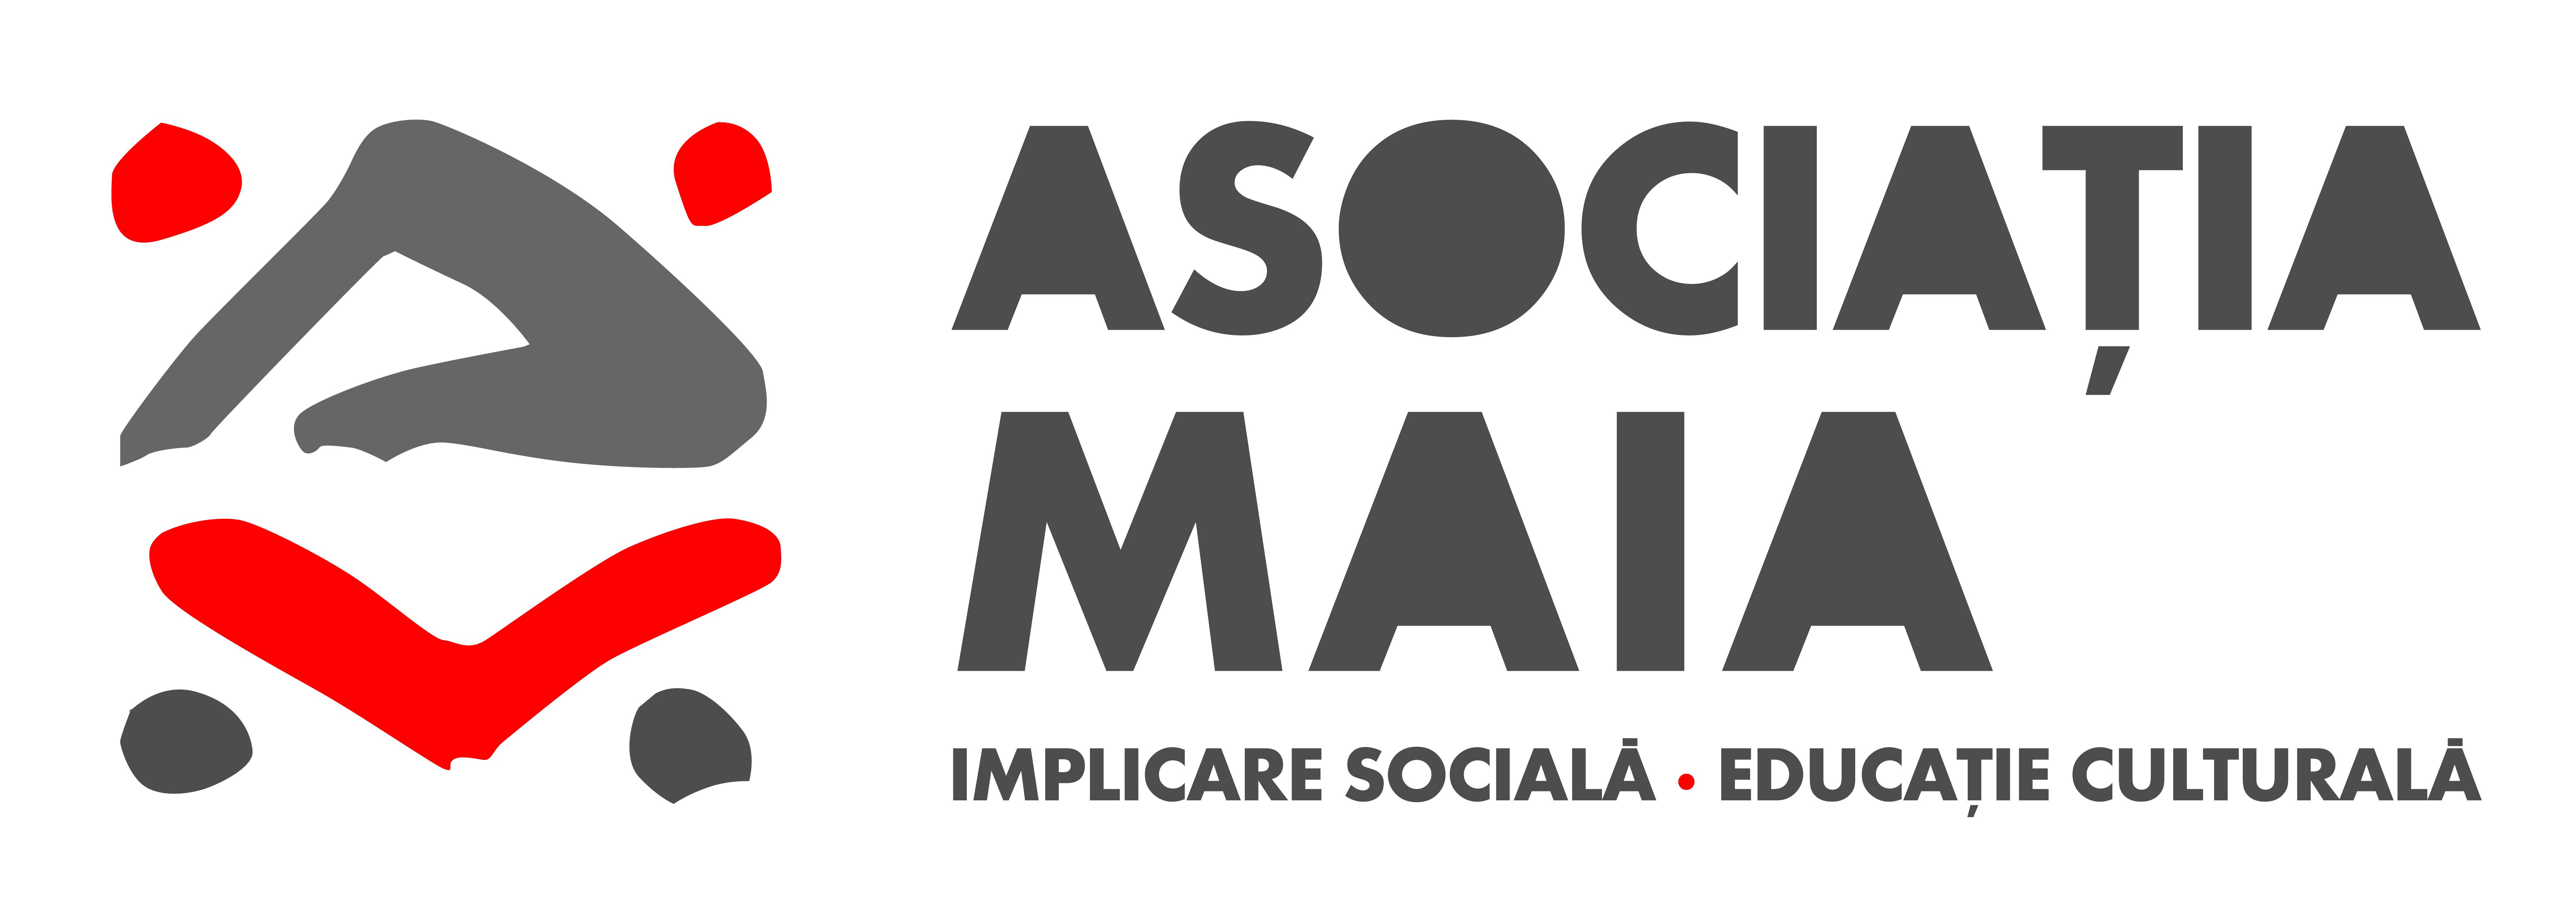 Asociatia MAIA logo